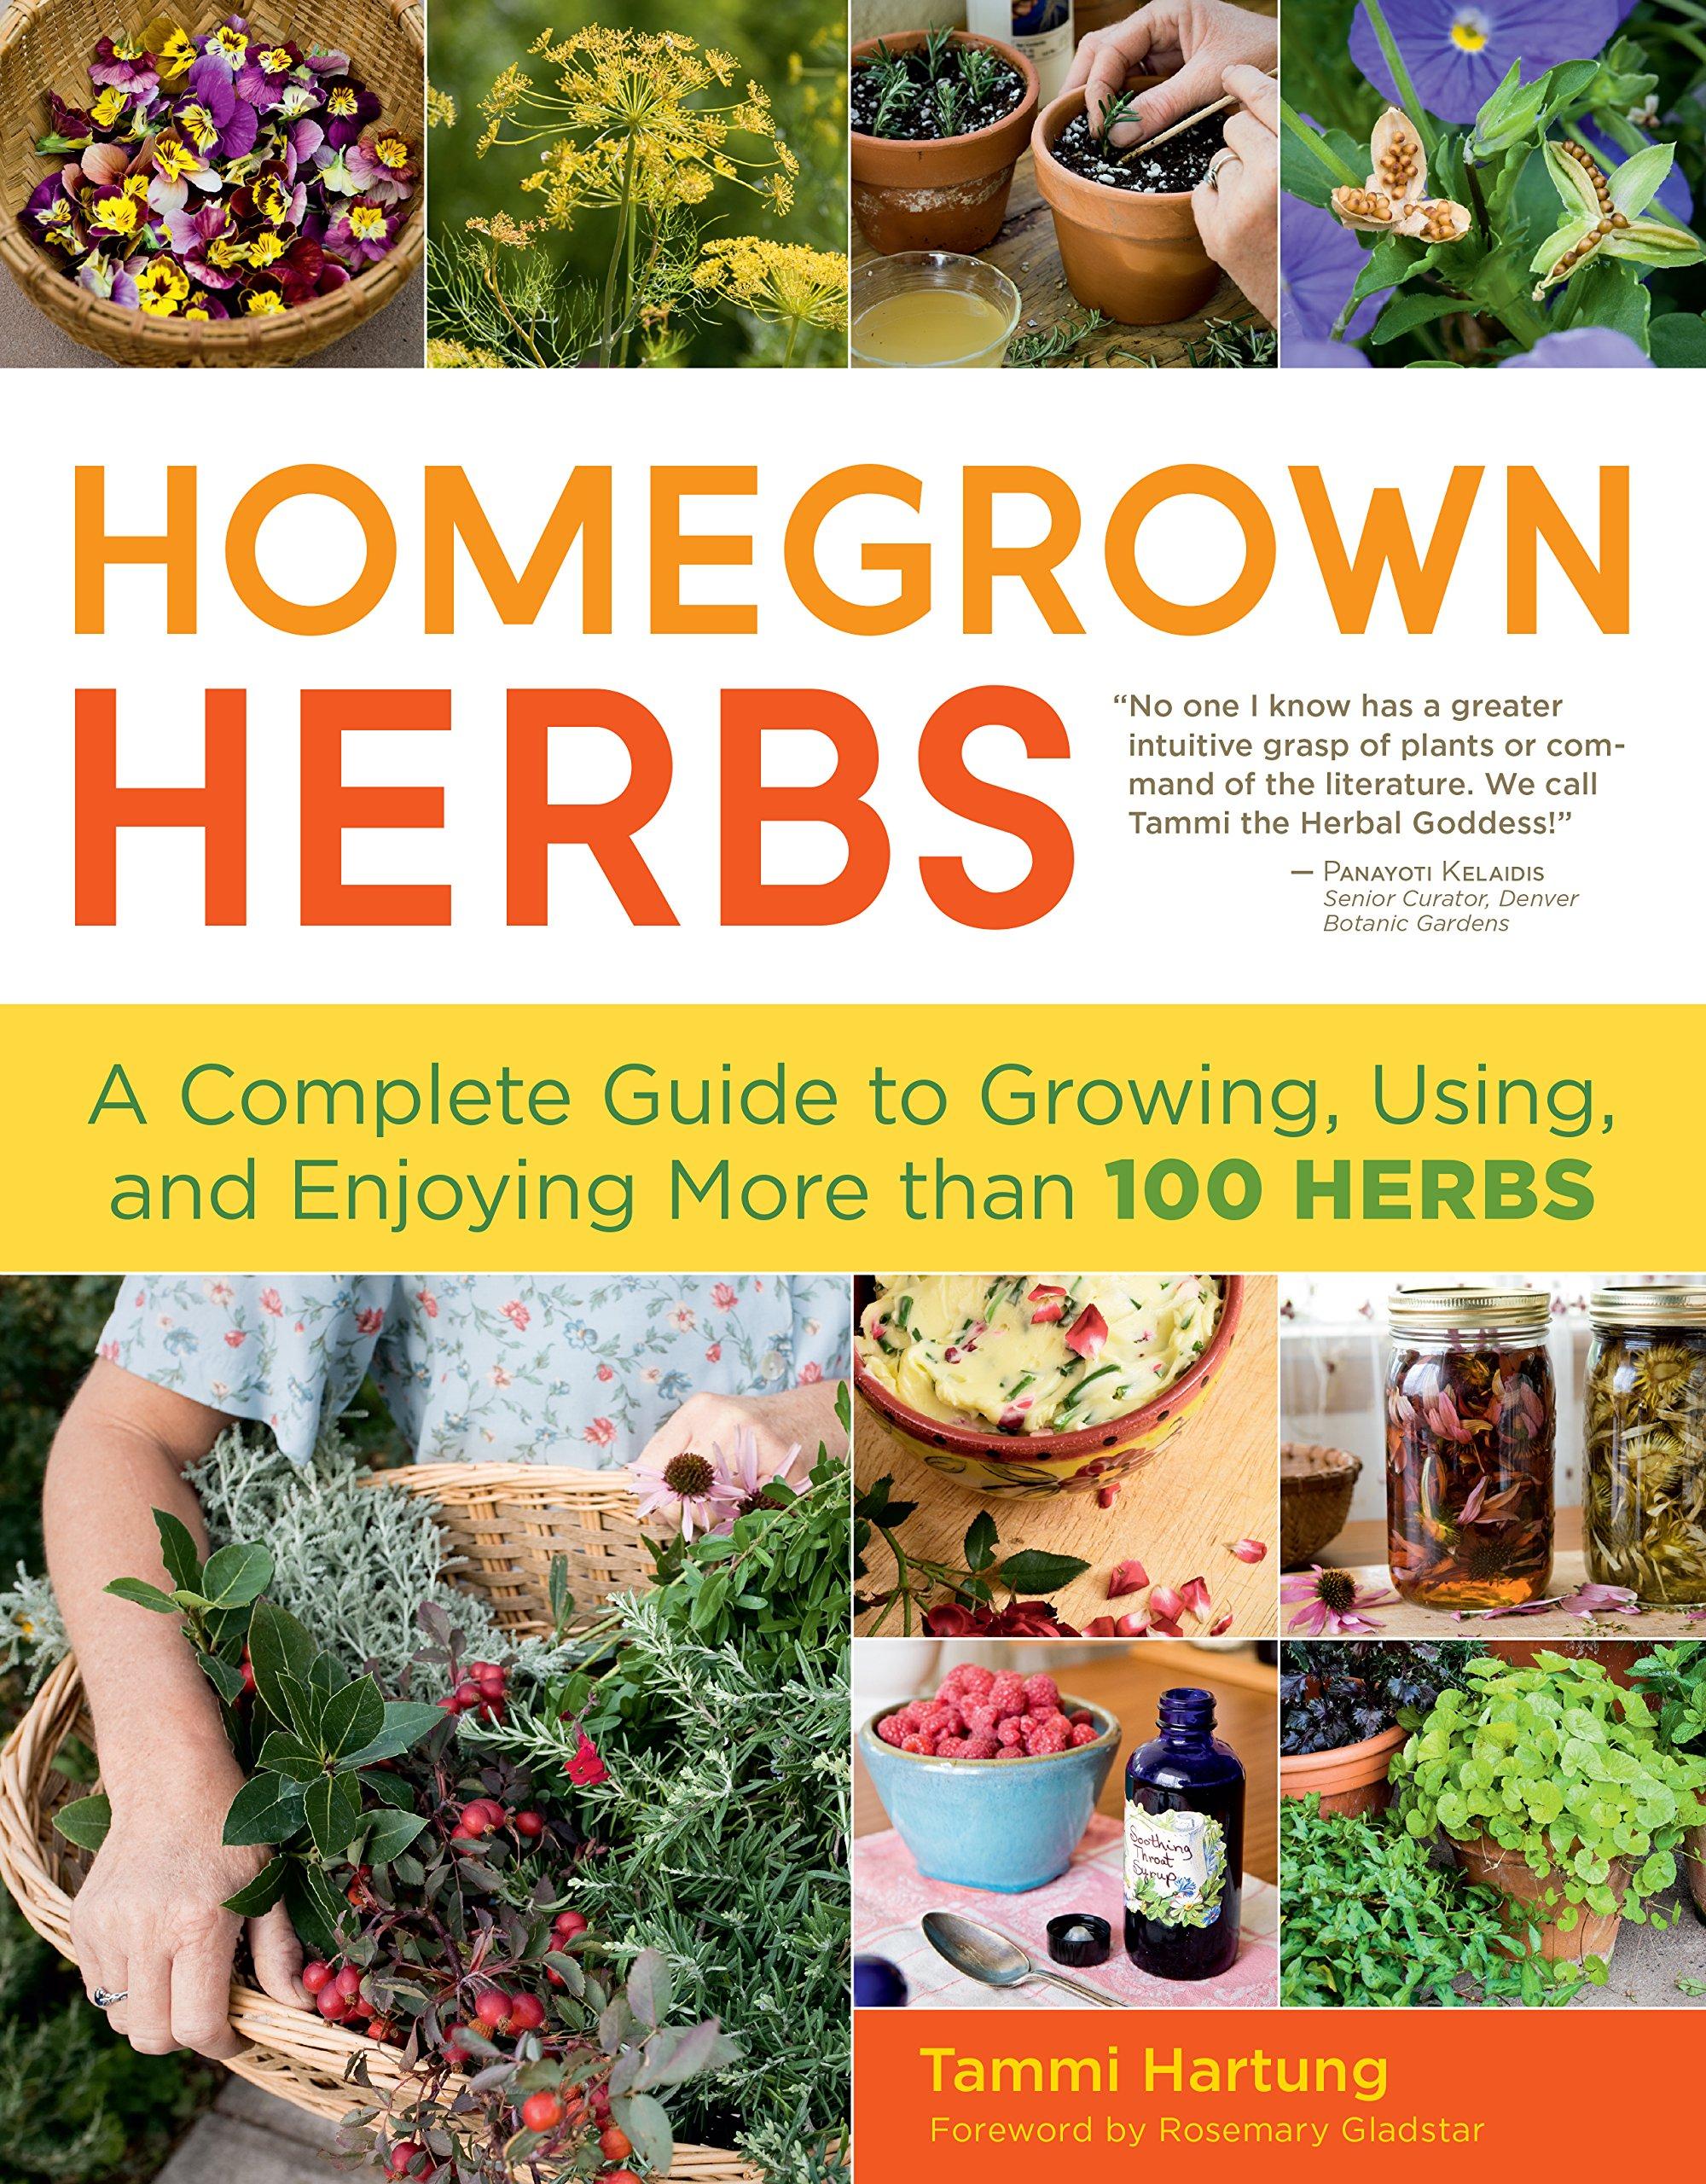 homegrown herbs.jpg